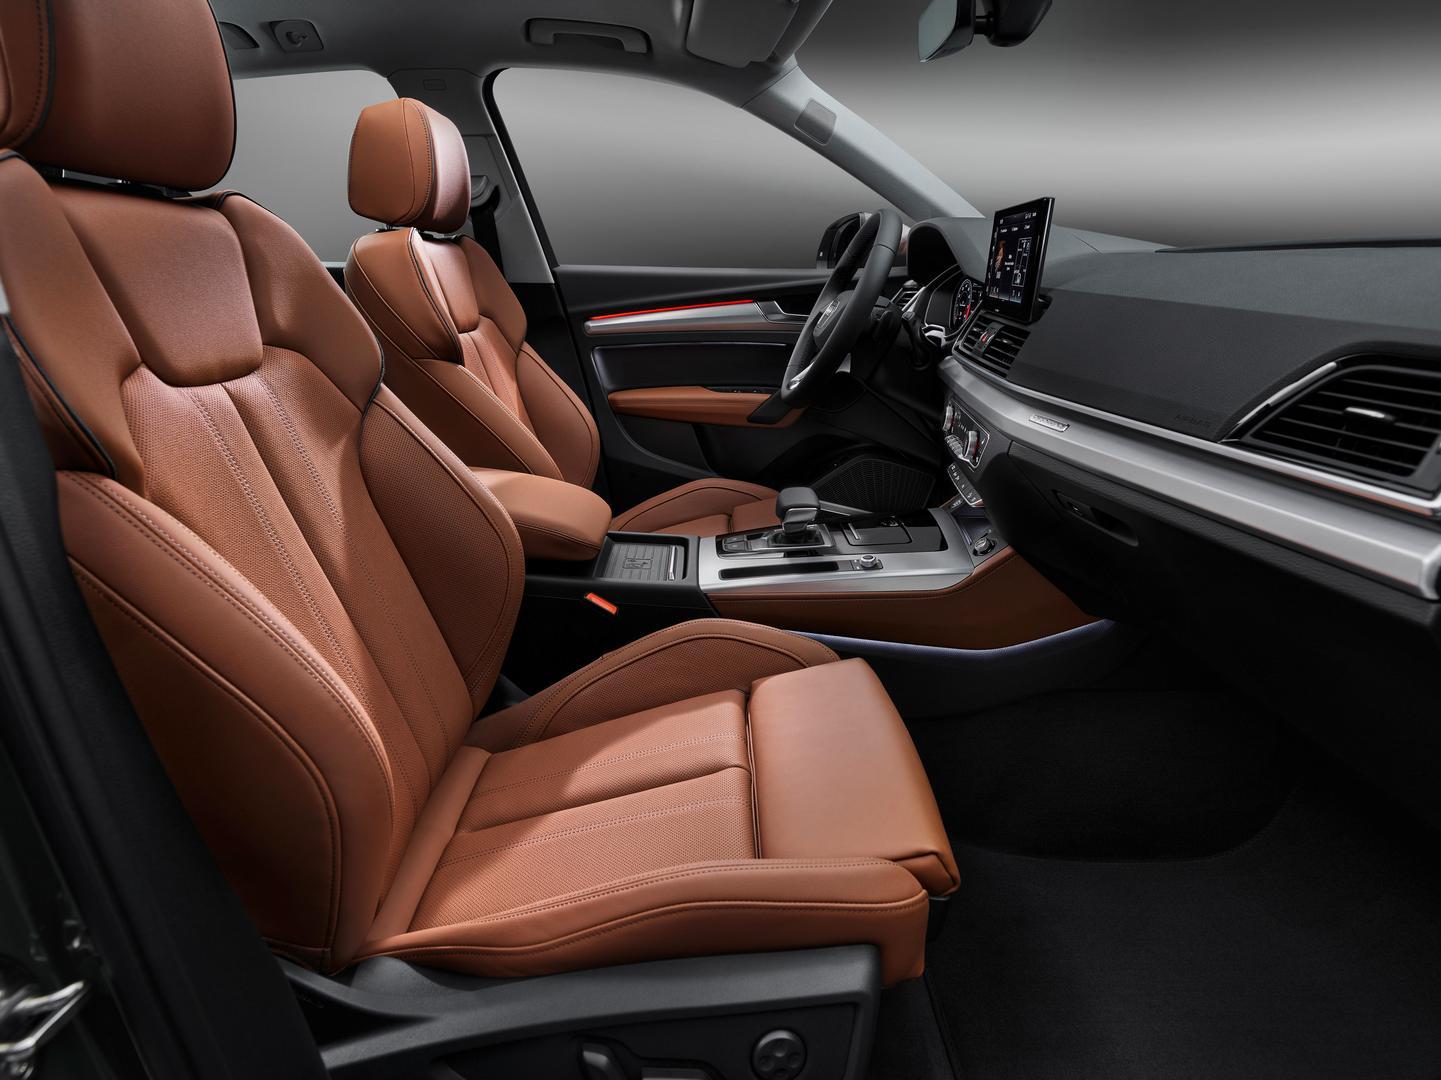 2021 Audi Q5 Seats